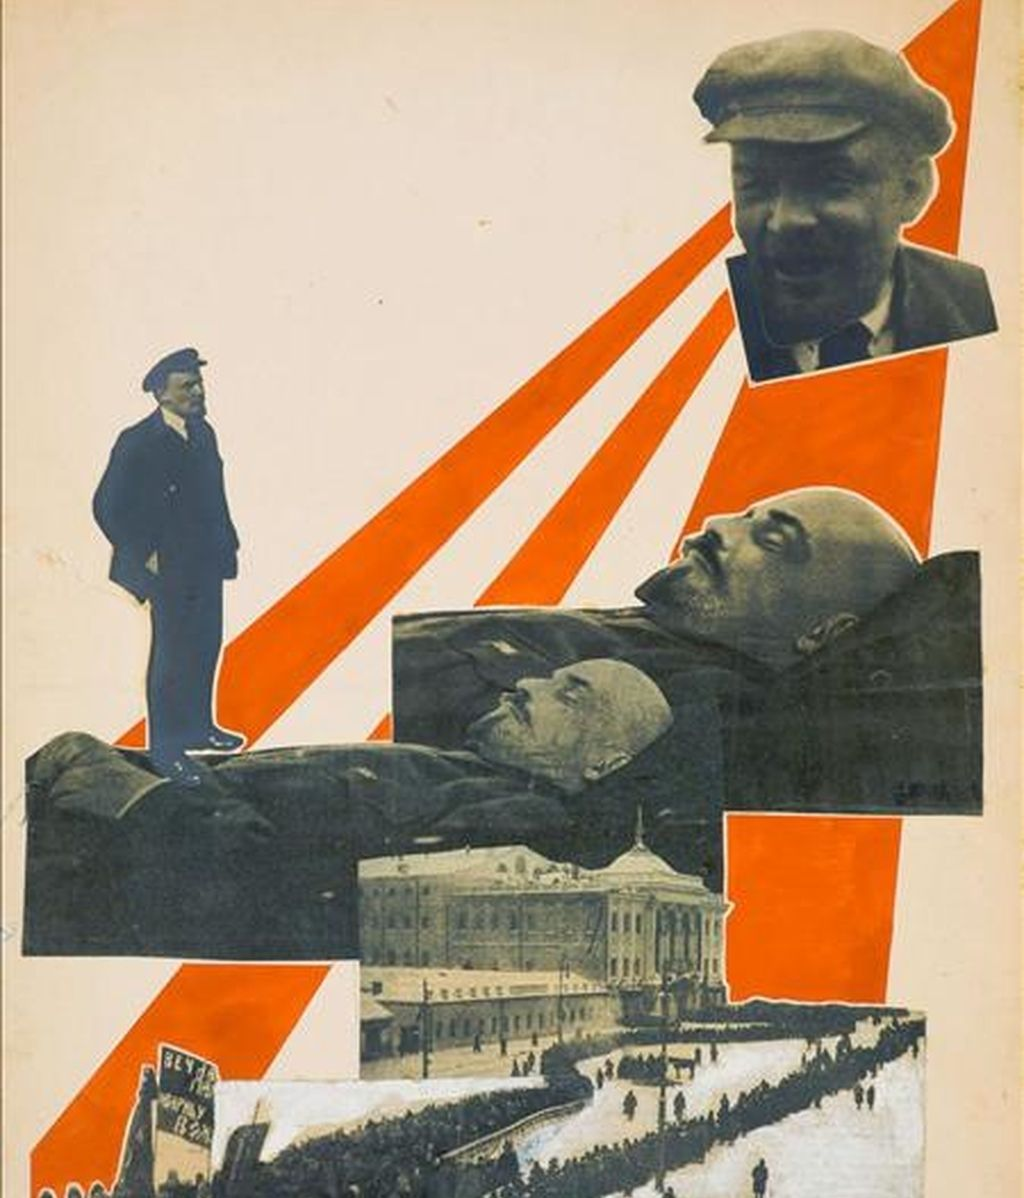 Ilustración para la revista 'Young Guard' 1924, de Aleksandr Rodchenko, que forma parte de la exposición que la Tate Modern de Londres dedica a partir del jueves y hasta el 17 de mayo a dos destacadas figuras del constructivismo ruso: Alexandr Rodchenko (1891-1956) y Liubov Popova (1889-1924). EFE